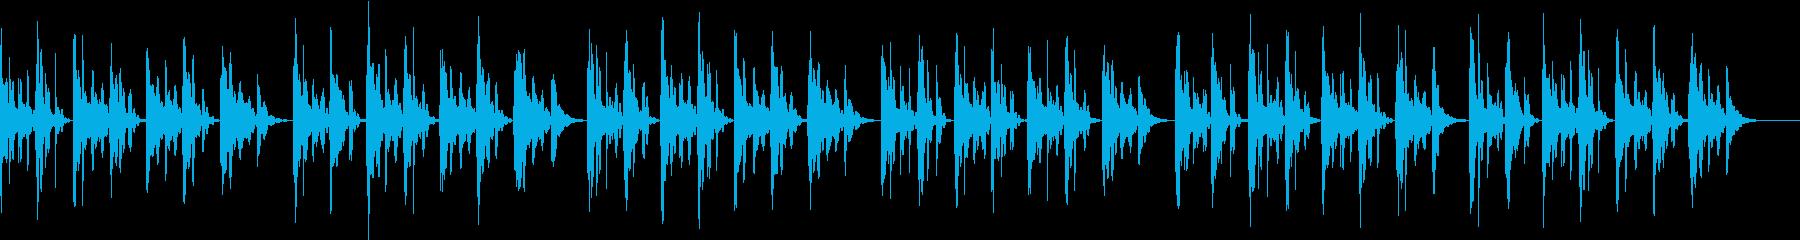 眠れる癒やしの音楽の再生済みの波形